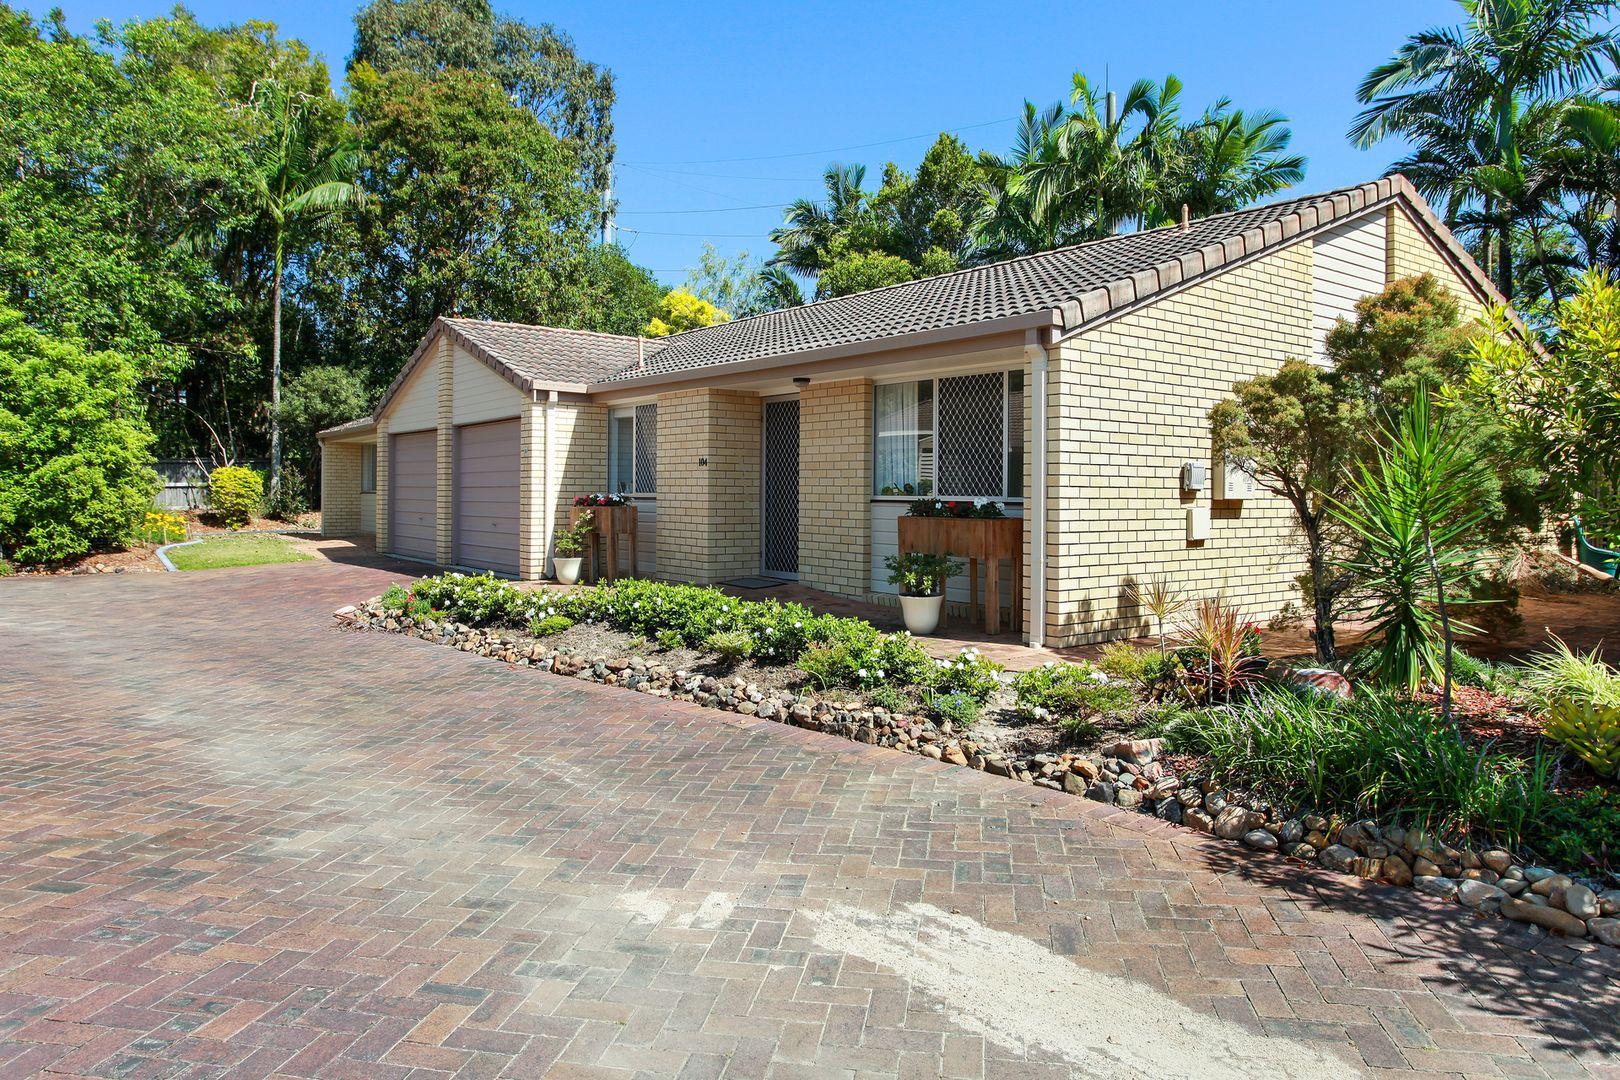 104/13-21 Lake Weyba Drive, Noosaville QLD 4566, Image 1